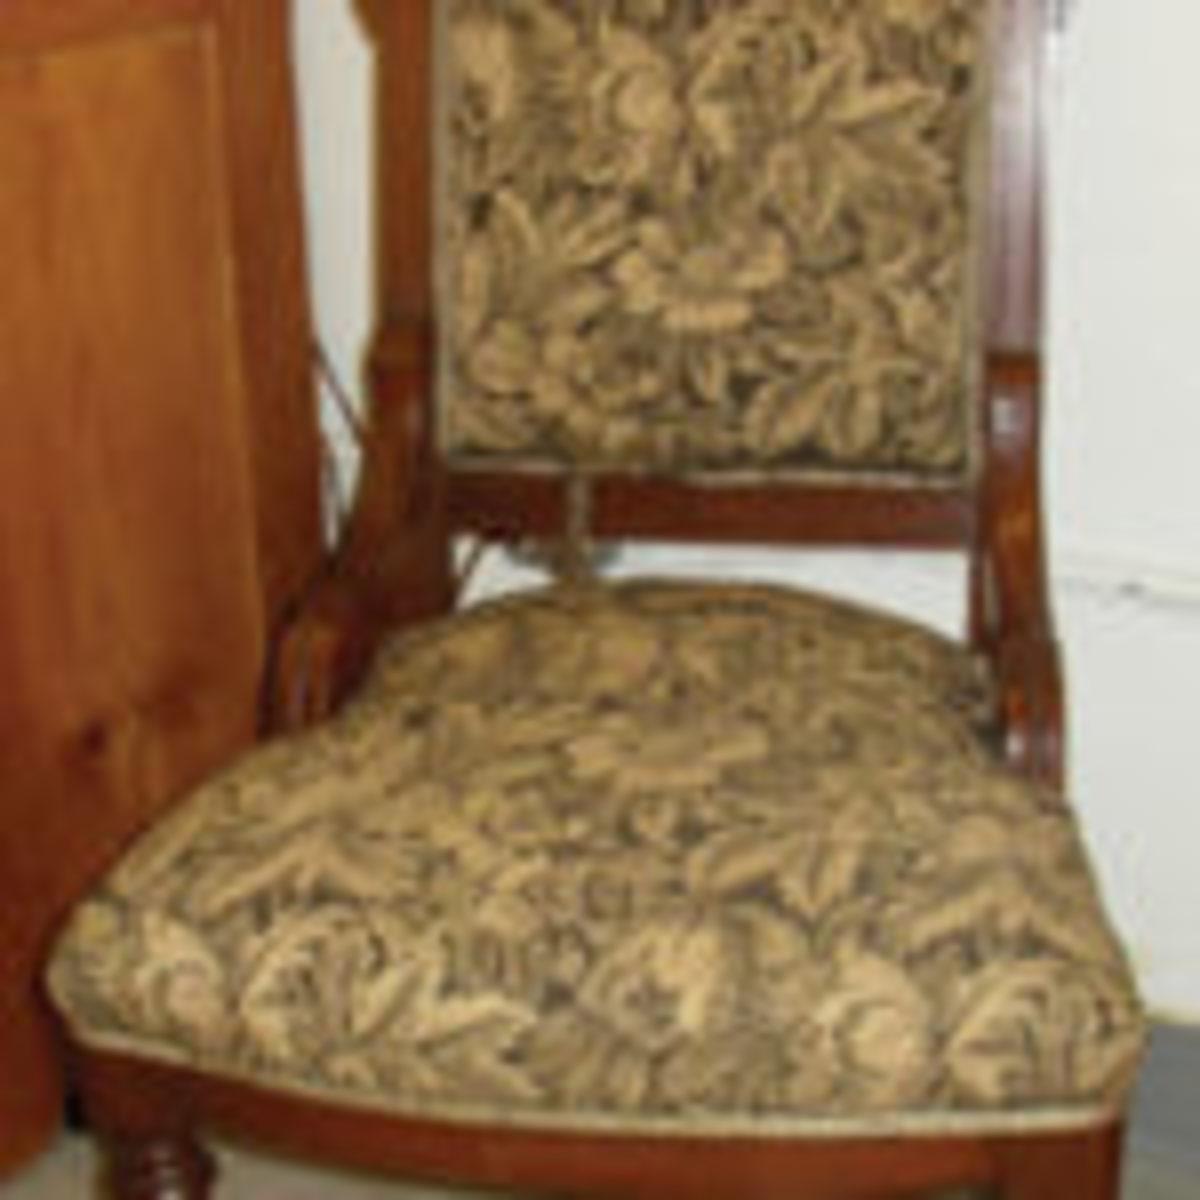 Renaissance Revival chair.